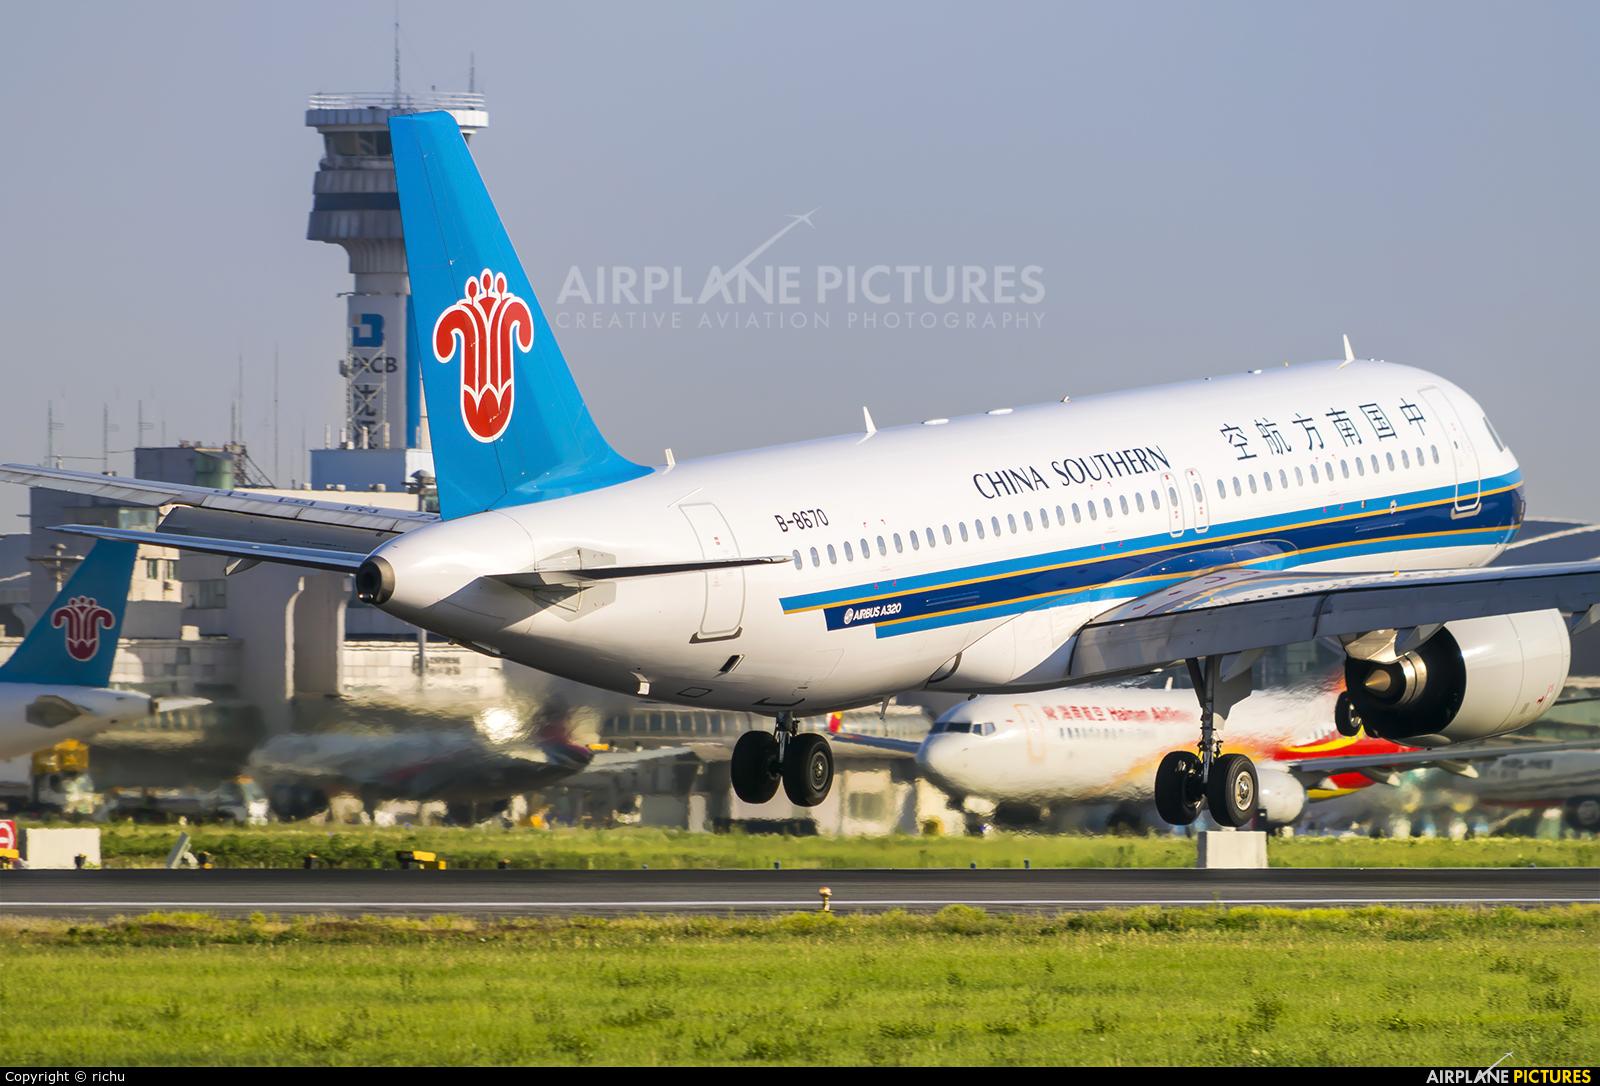 China Southern Airlines B-8670 aircraft at Shenyang-Taoxian